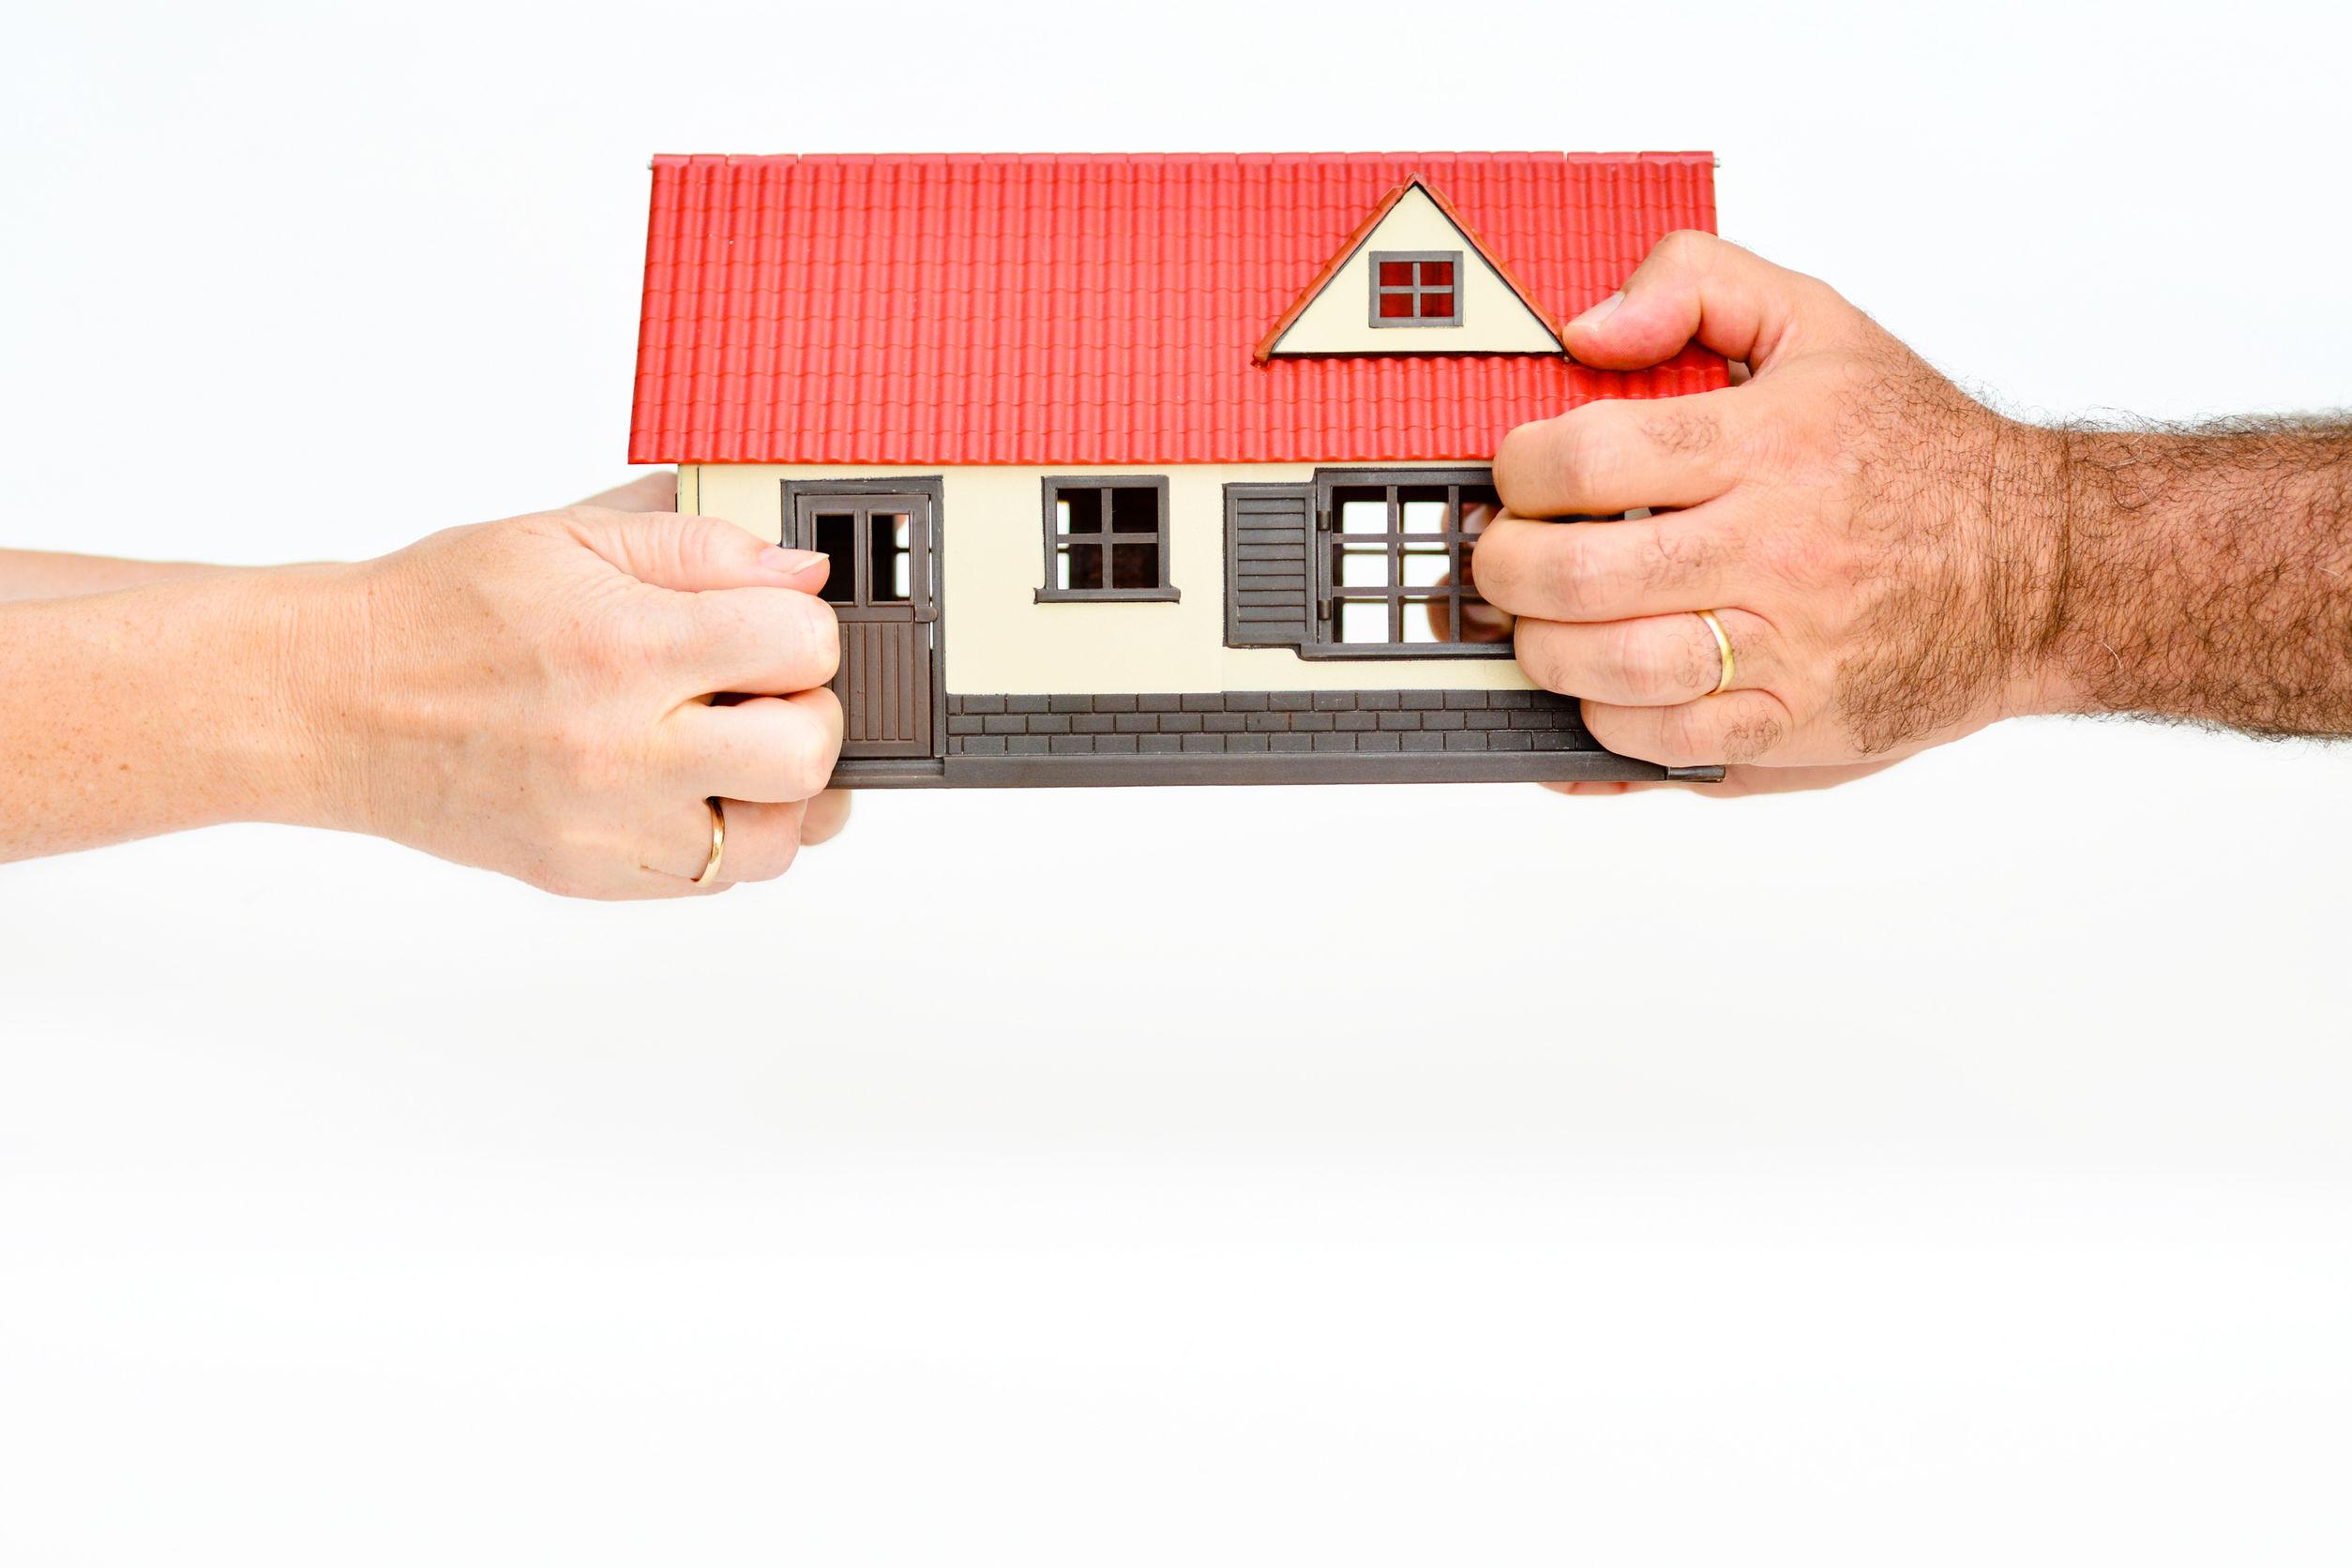 Совместная собственность - как выделить и распорядиться своей 78